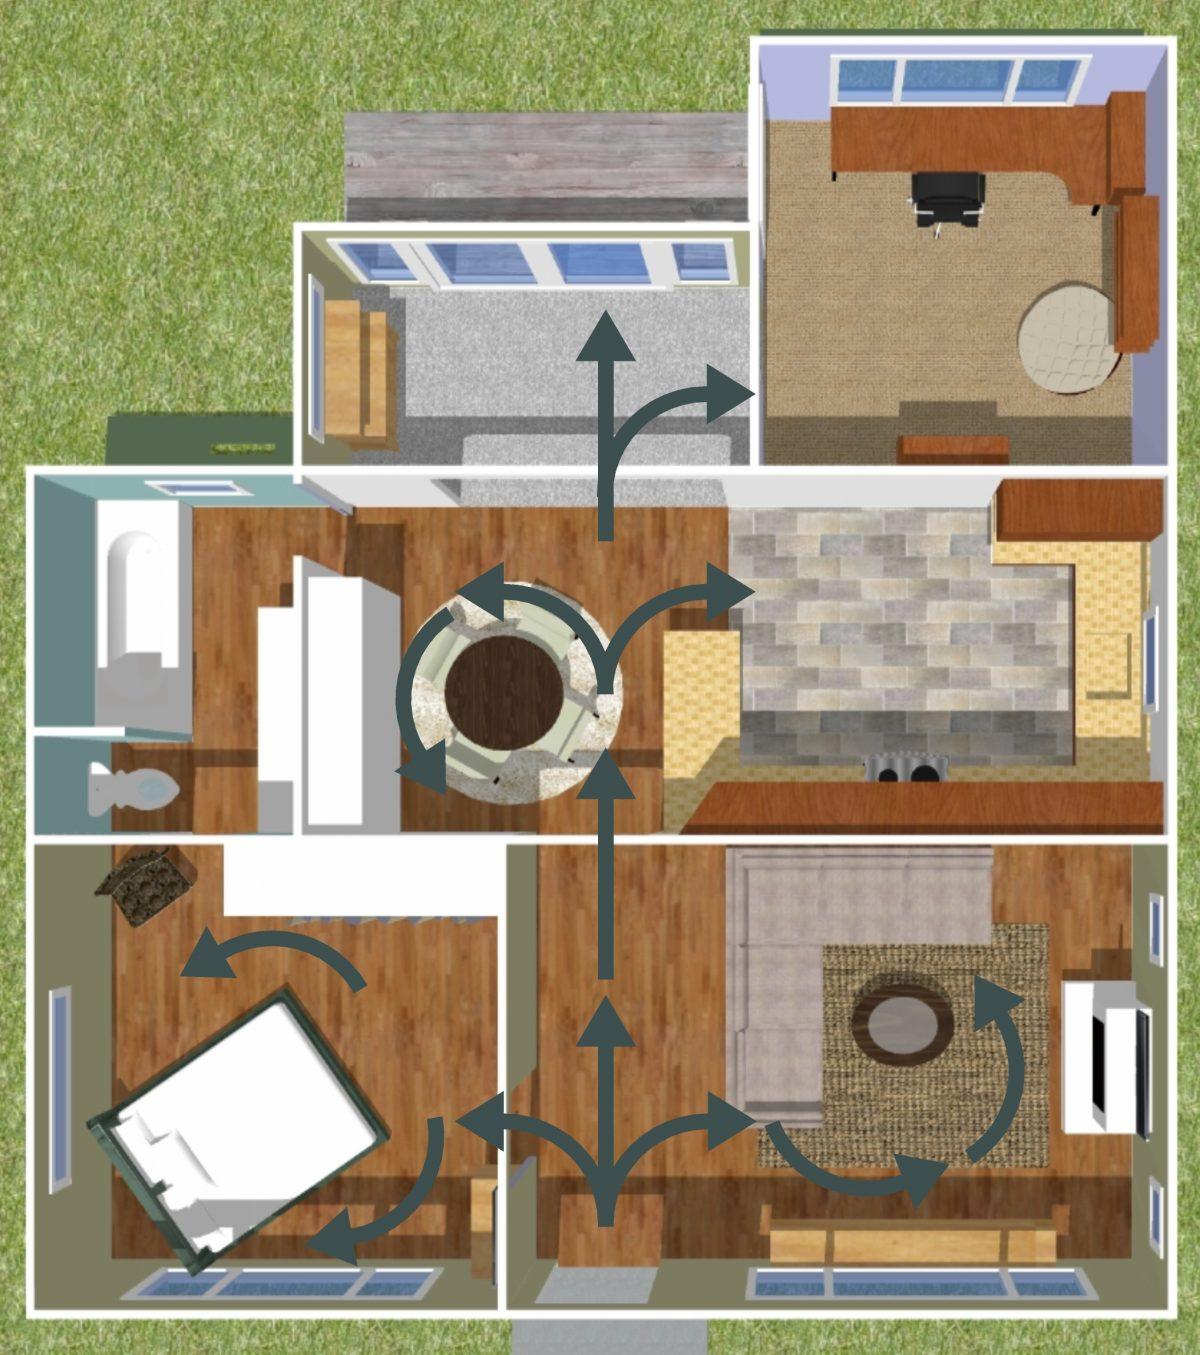 amenajarea interiorului dupa reguli feng shui inova design